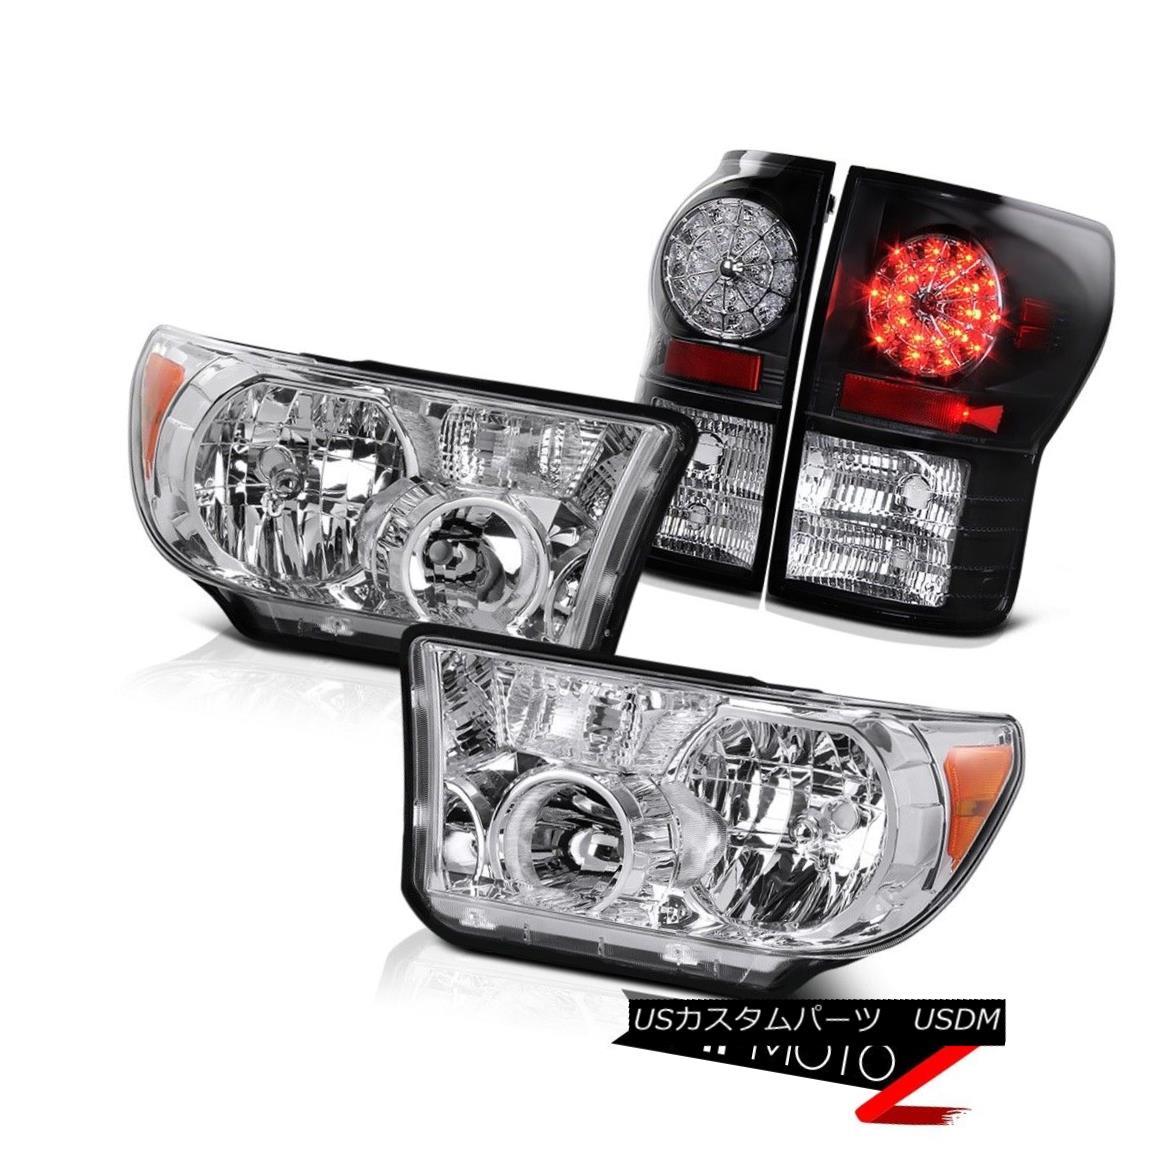 テールライト Crystal Clear L+R Headlight Lamp+Black Led Tail Light Lamp Toyota Tundra 07-2013 クリスタルクリアL + Rヘッドライトランプ+ブラックLedテールライトランプトヨタTundra 07-2013